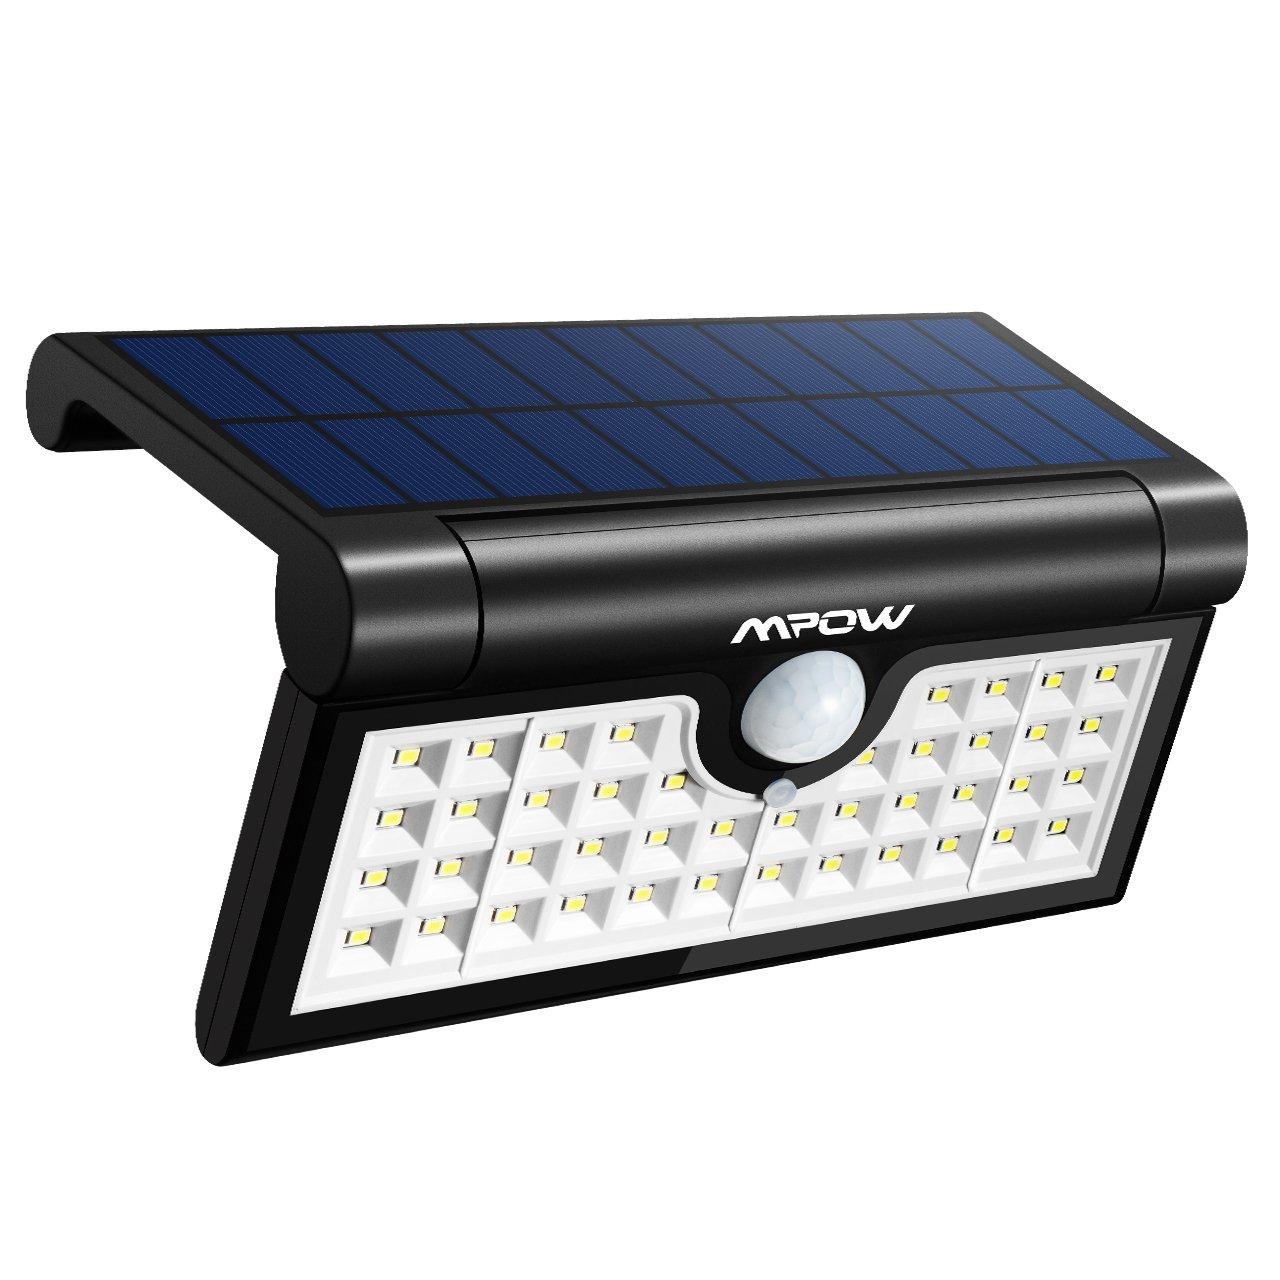 Mpow 42LED Plegable Luz Solar,Sensor de Movimiento,Luz Exterior Portátil,Luz de Pared Brillante,Ángulo de Detección de 120°,Gran Luz Exterior para Acampar ...